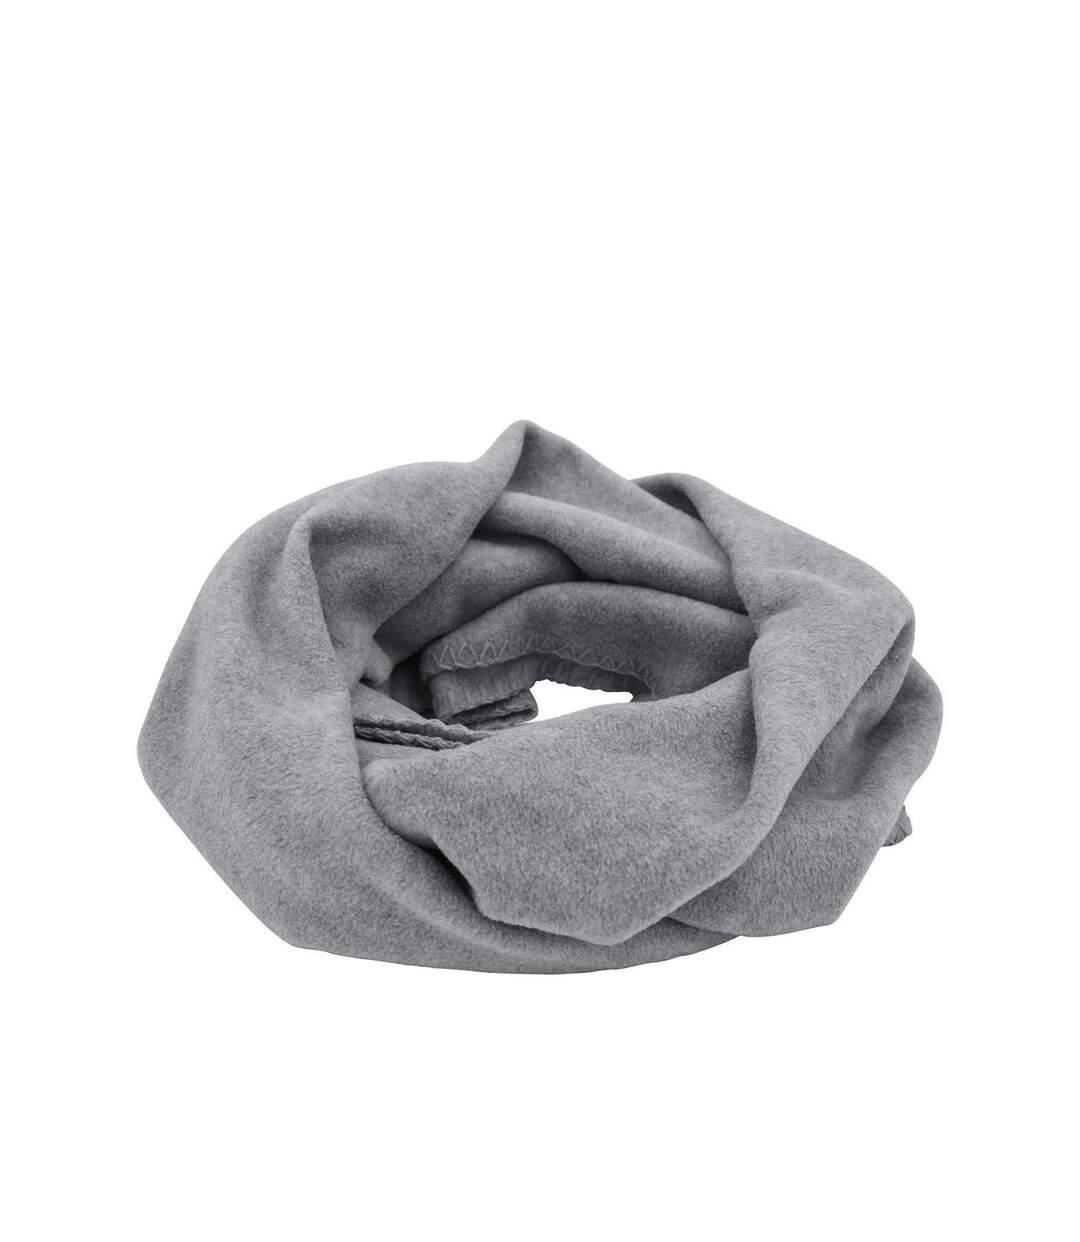 Echarpe - Tour de cou polaire adulte - Taille unique - MB7313 - gris clair